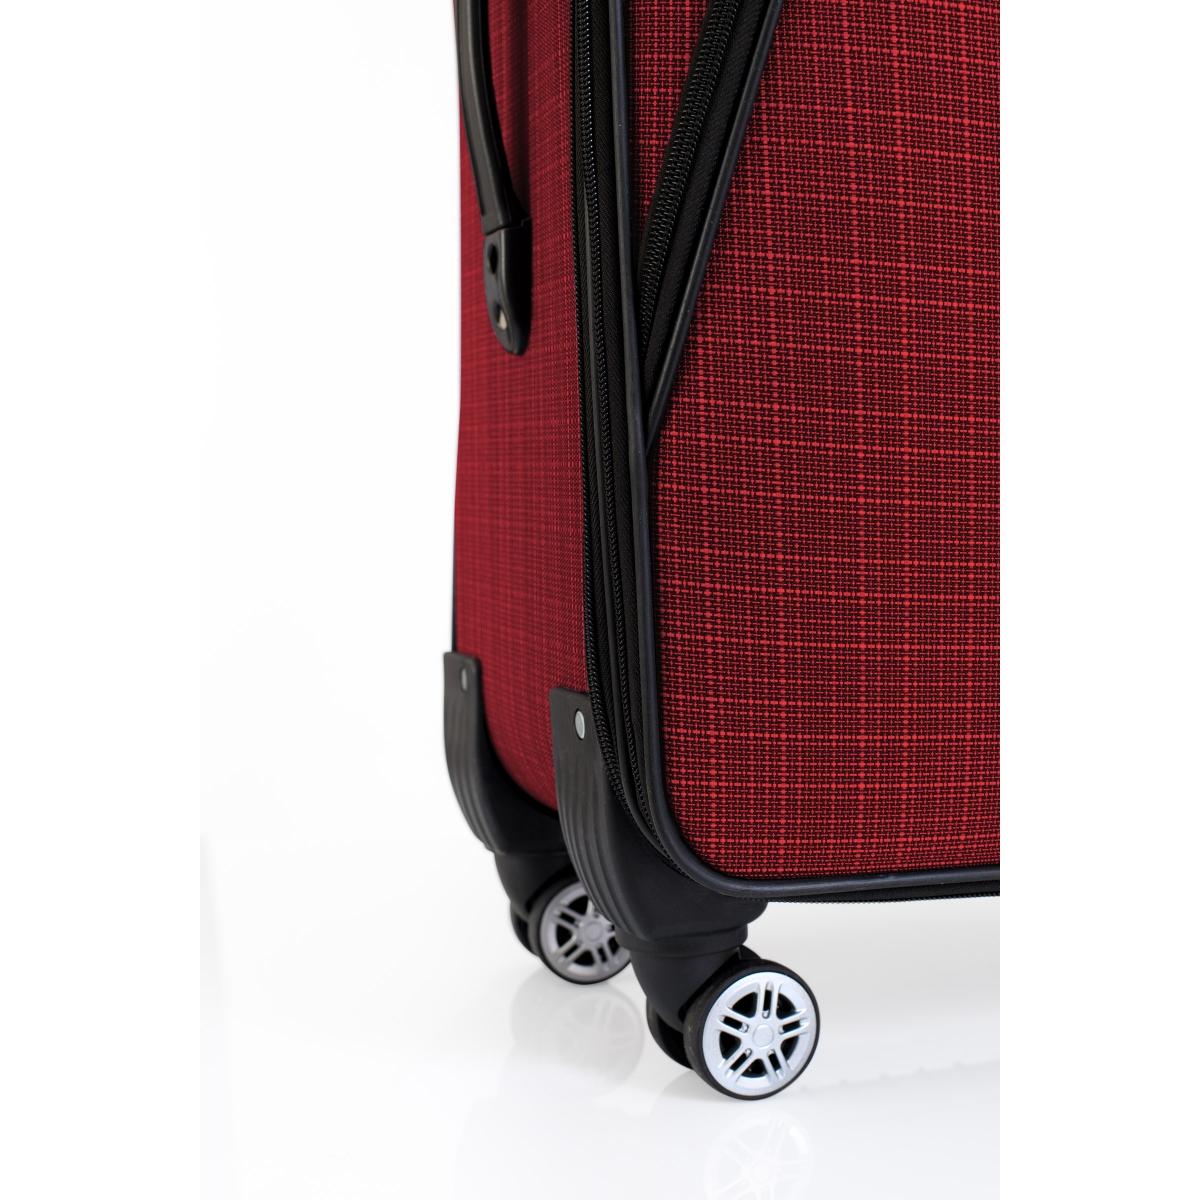 Gedox 4 Teker Geniş Kasa Havlu Kumaş 3'lü Valiz Seyahat Seti - Model: 1000.13 Bordo